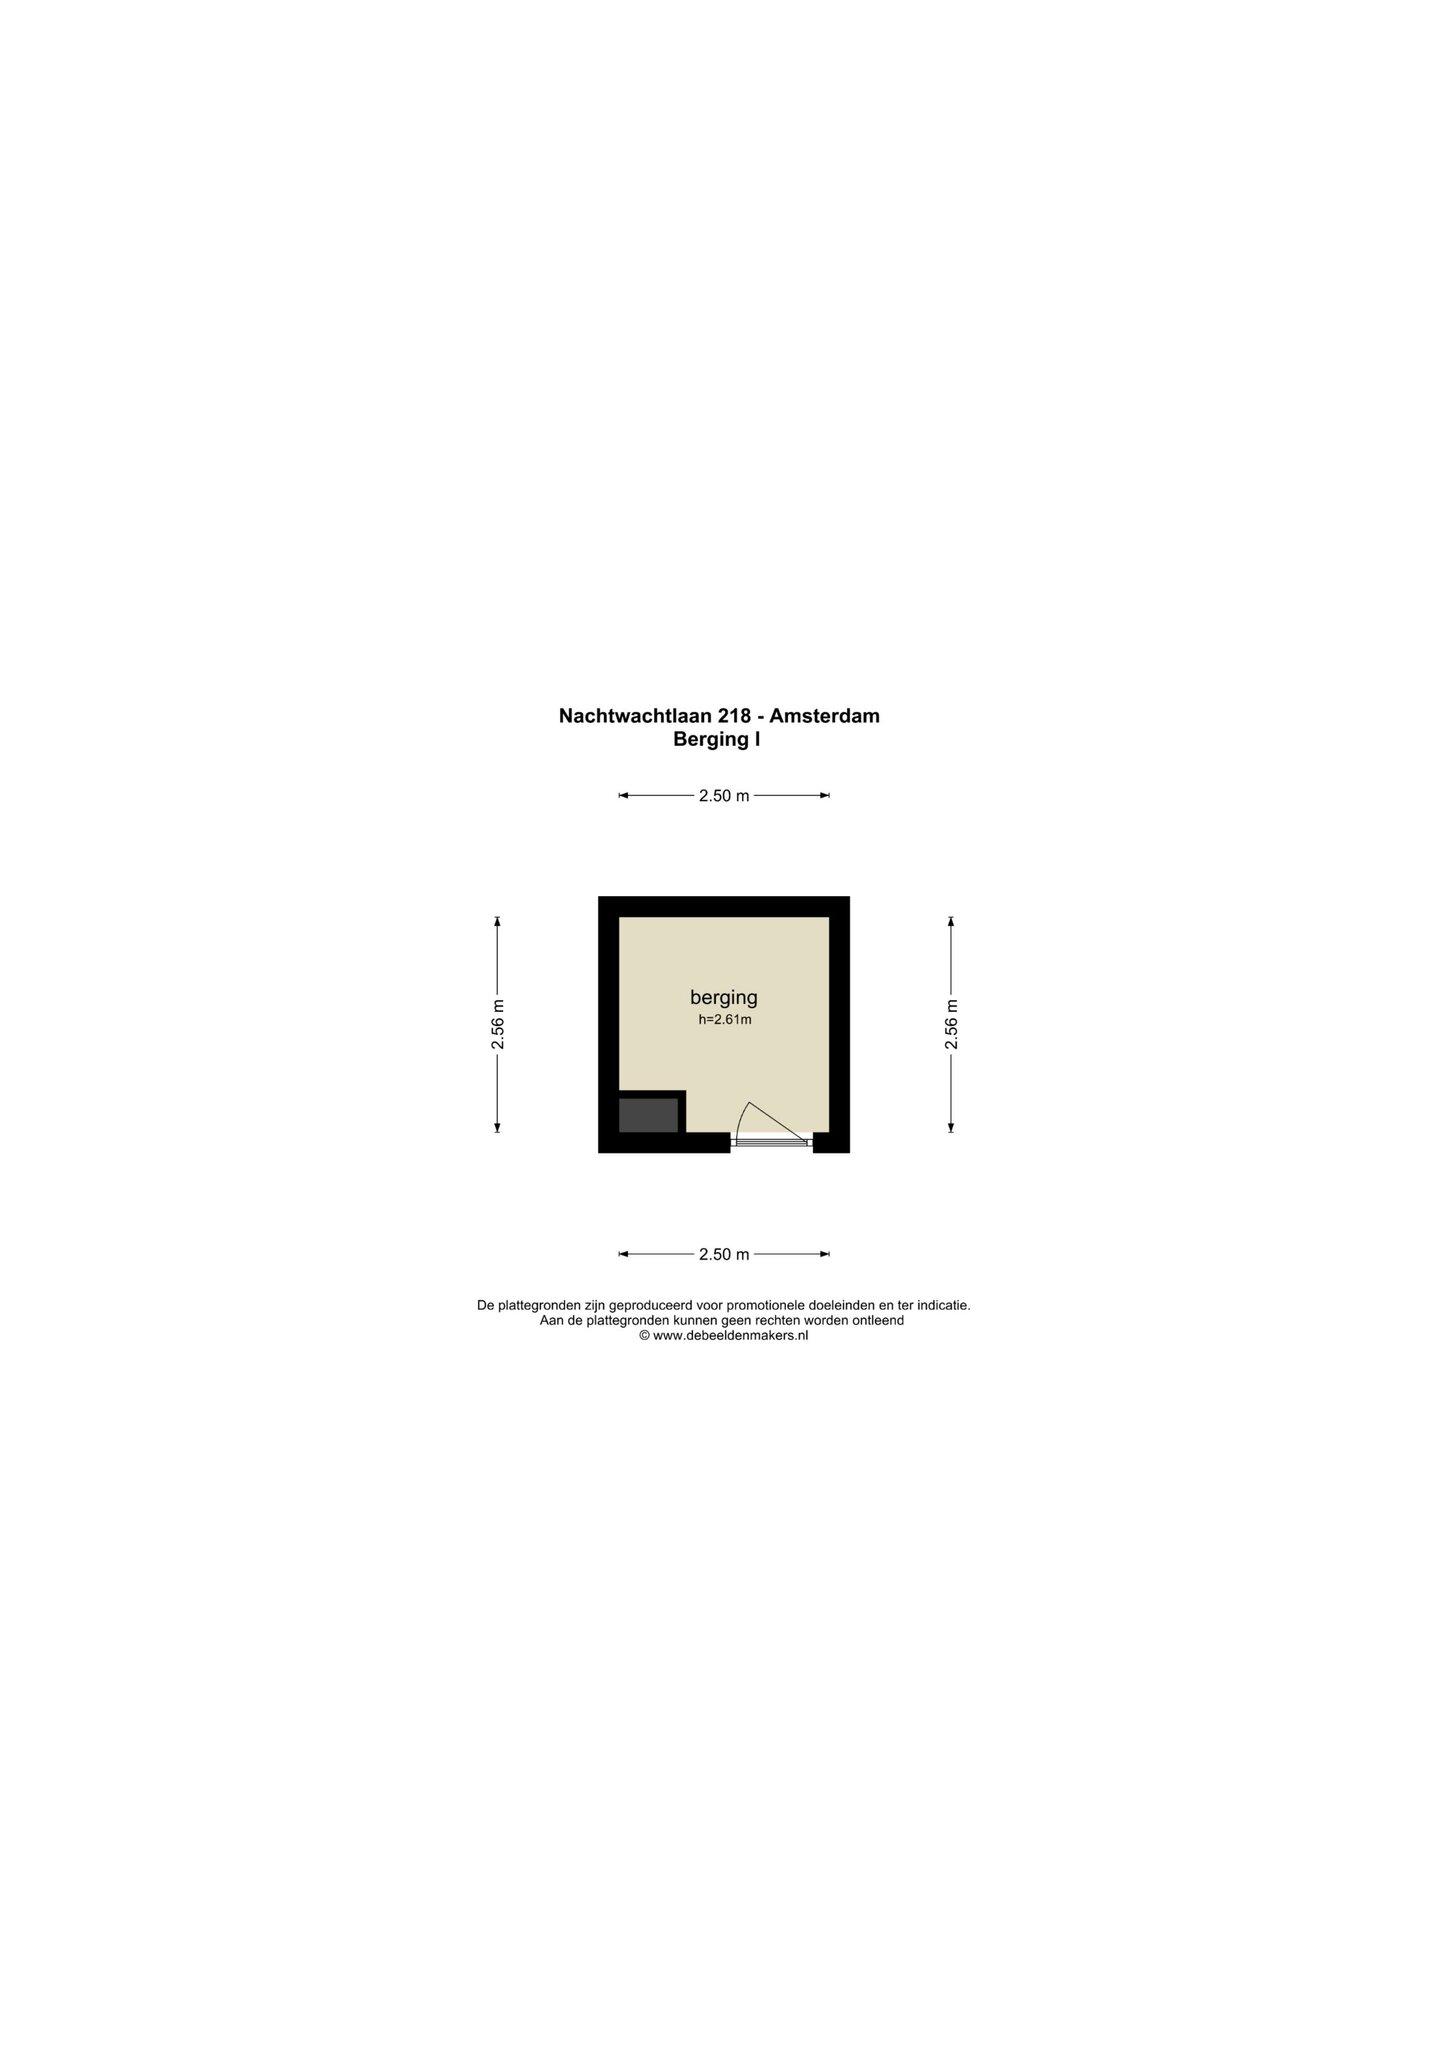 Amsterdam – Nachtwachtlaan 218 – Plattegrond 2